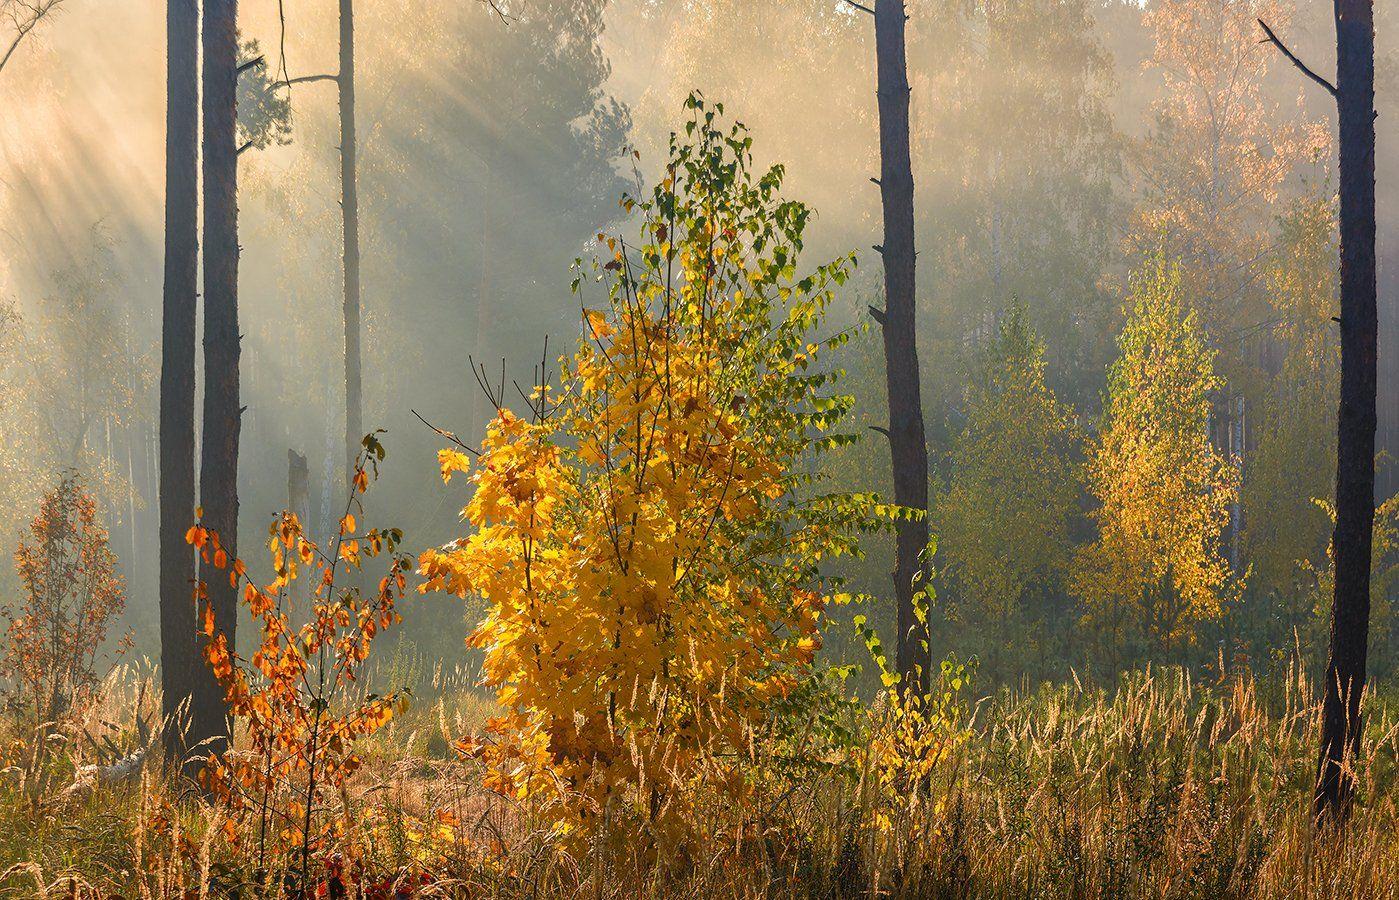 landscape, пейзаж, утро, лес, деревья, солнечный свет,  солнце, природа, солнечные лучи,  прогулка, осень, осенние краски, Шерман Михаил